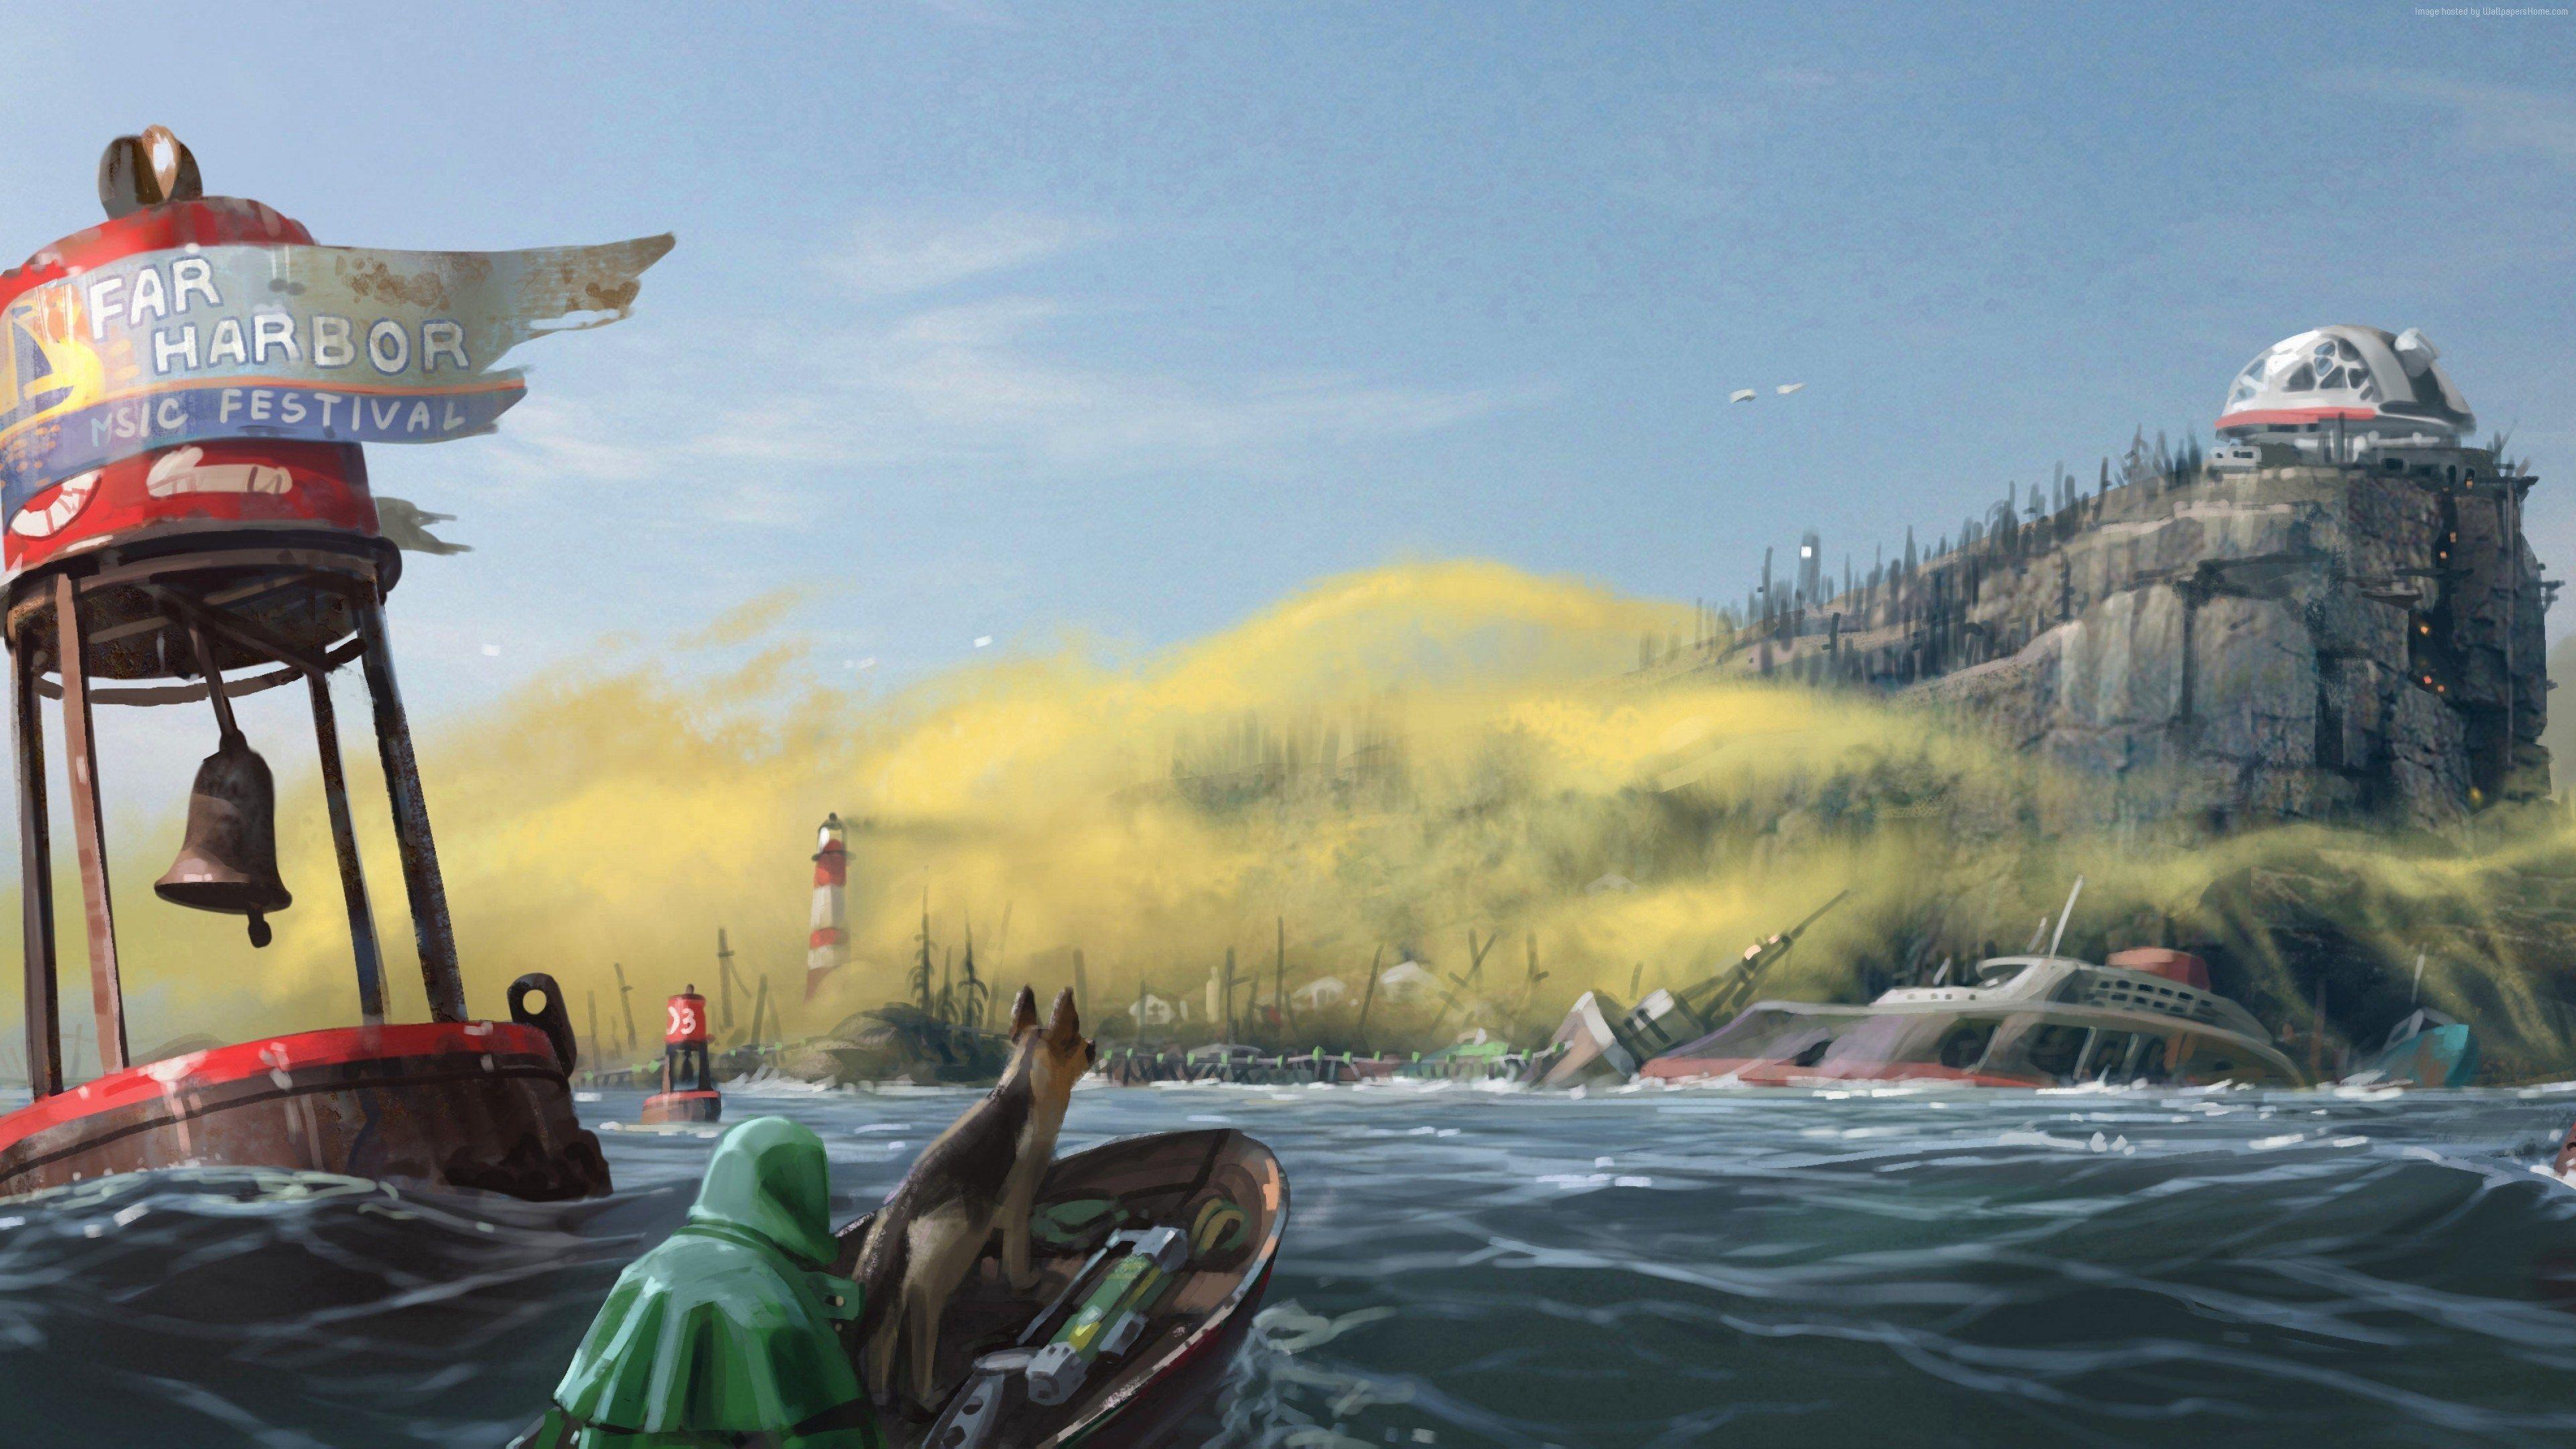 3840x2160 Fallout 4 4k Wallpaper Photo Download Free Fallout 4 Wallpapers Fallout 4 Far Harbor Fallout Art